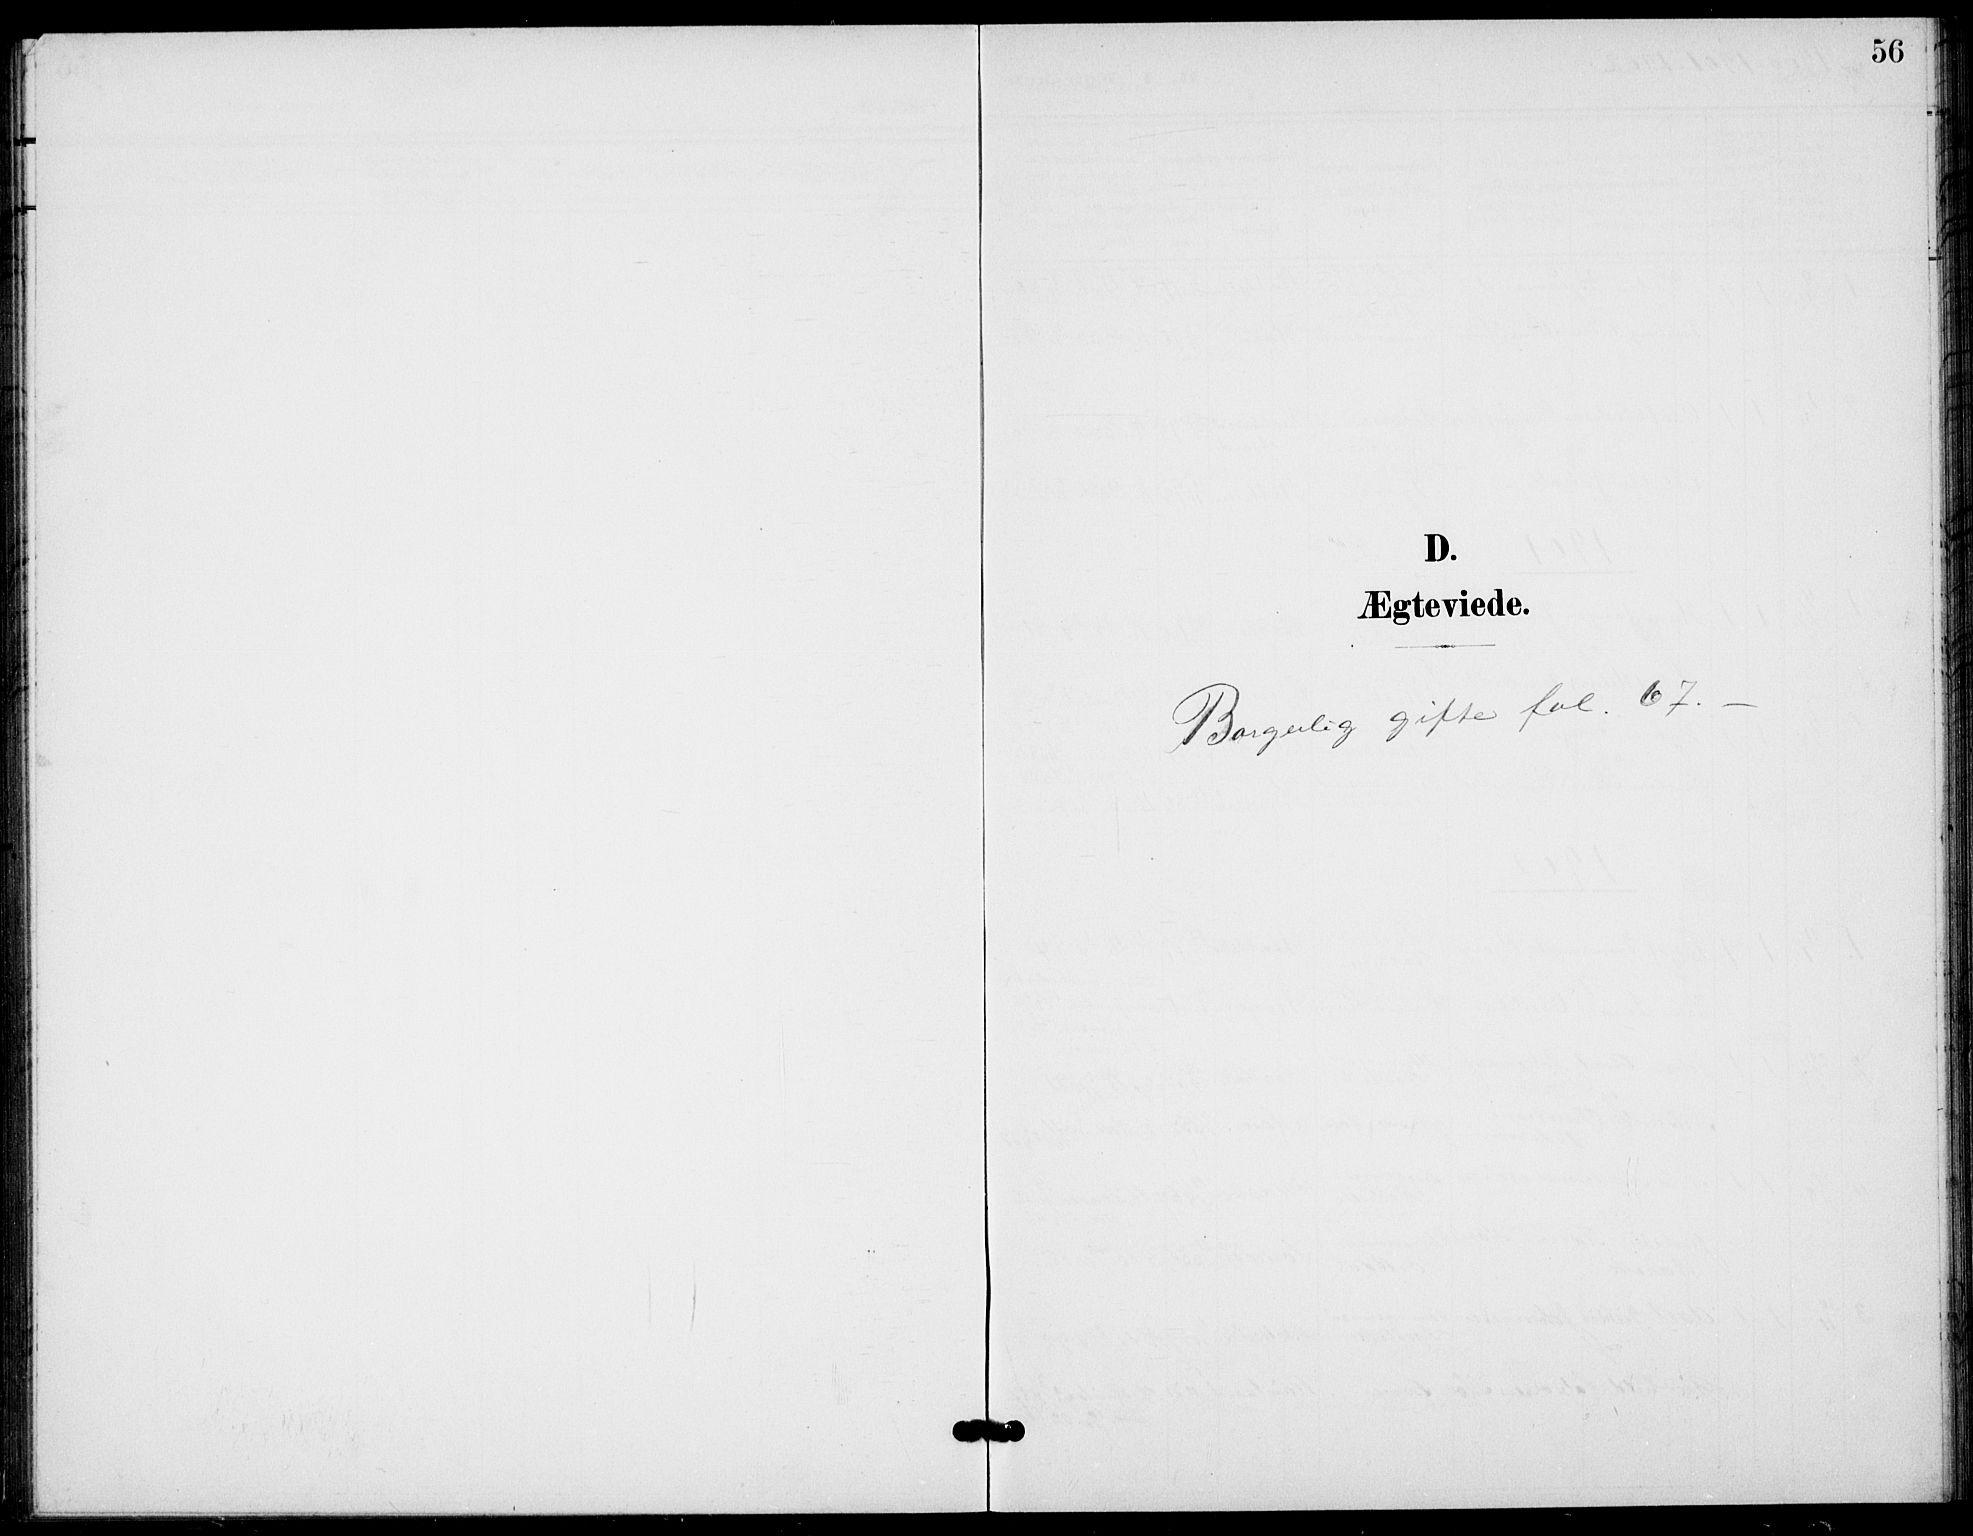 SAKO, Bamble kirkebøker, G/Gb/L0002: Klokkerbok nr. II 2, 1900-1925, s. 56